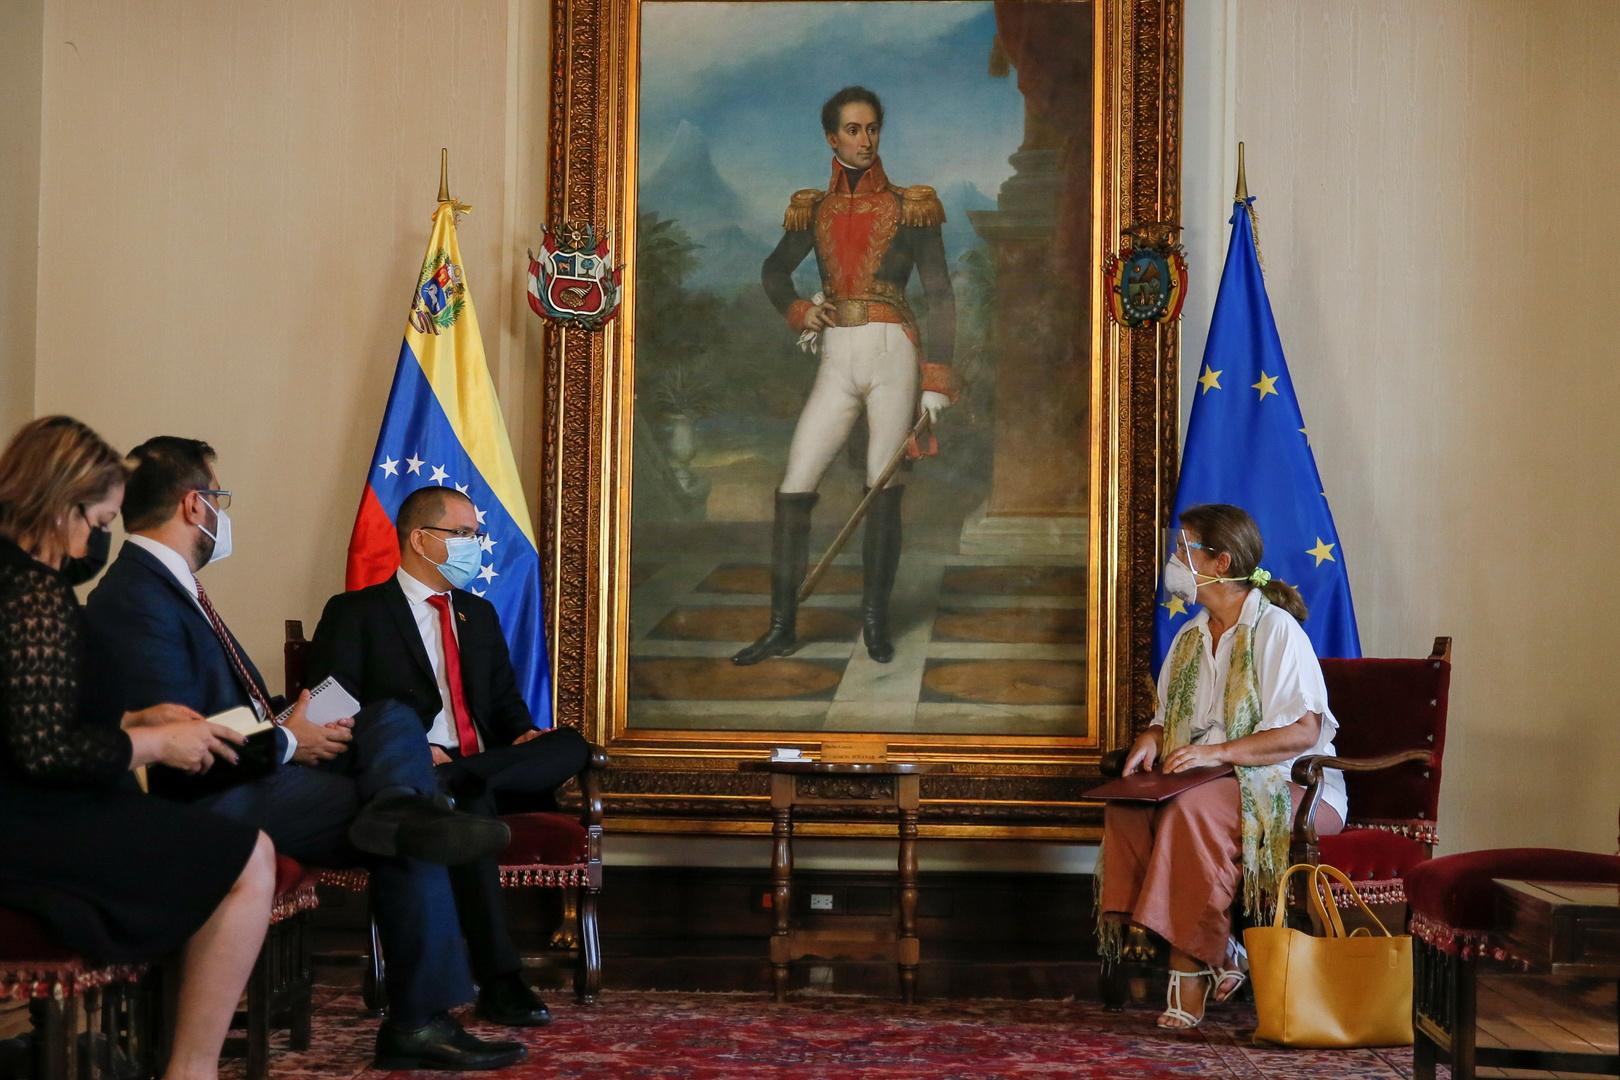 L'UE déclare «persona non grata» l'ambassadrice du Venezuela à Bruxelles